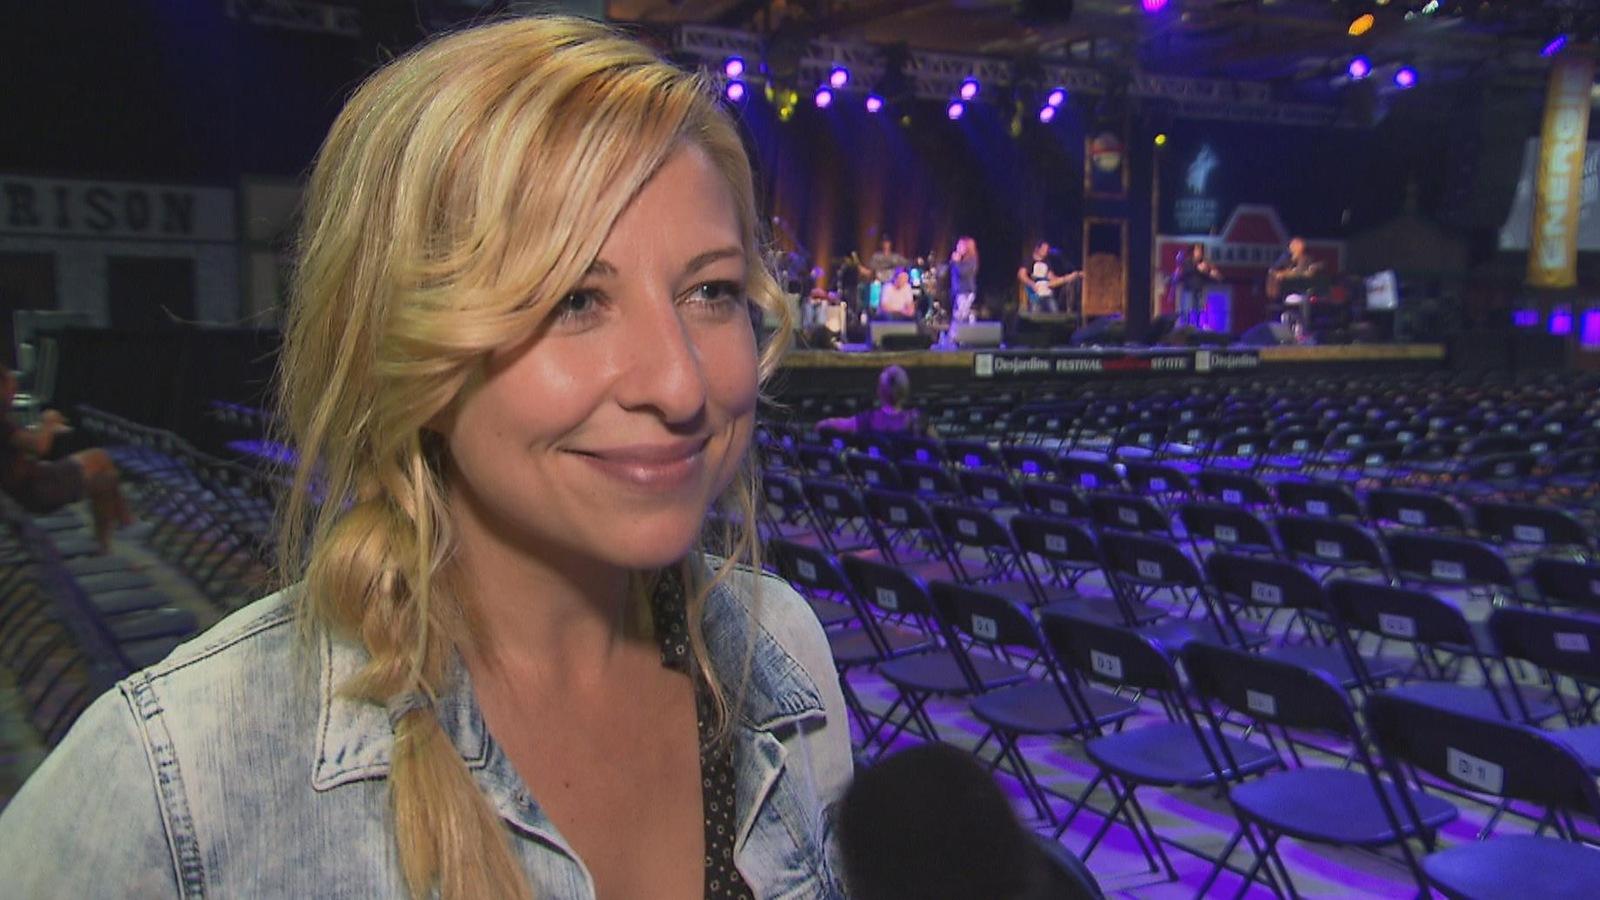 La chanteuse de country Cindy Bédard est honorée de pouvoir chanter au Festival western de Saint-Tite.